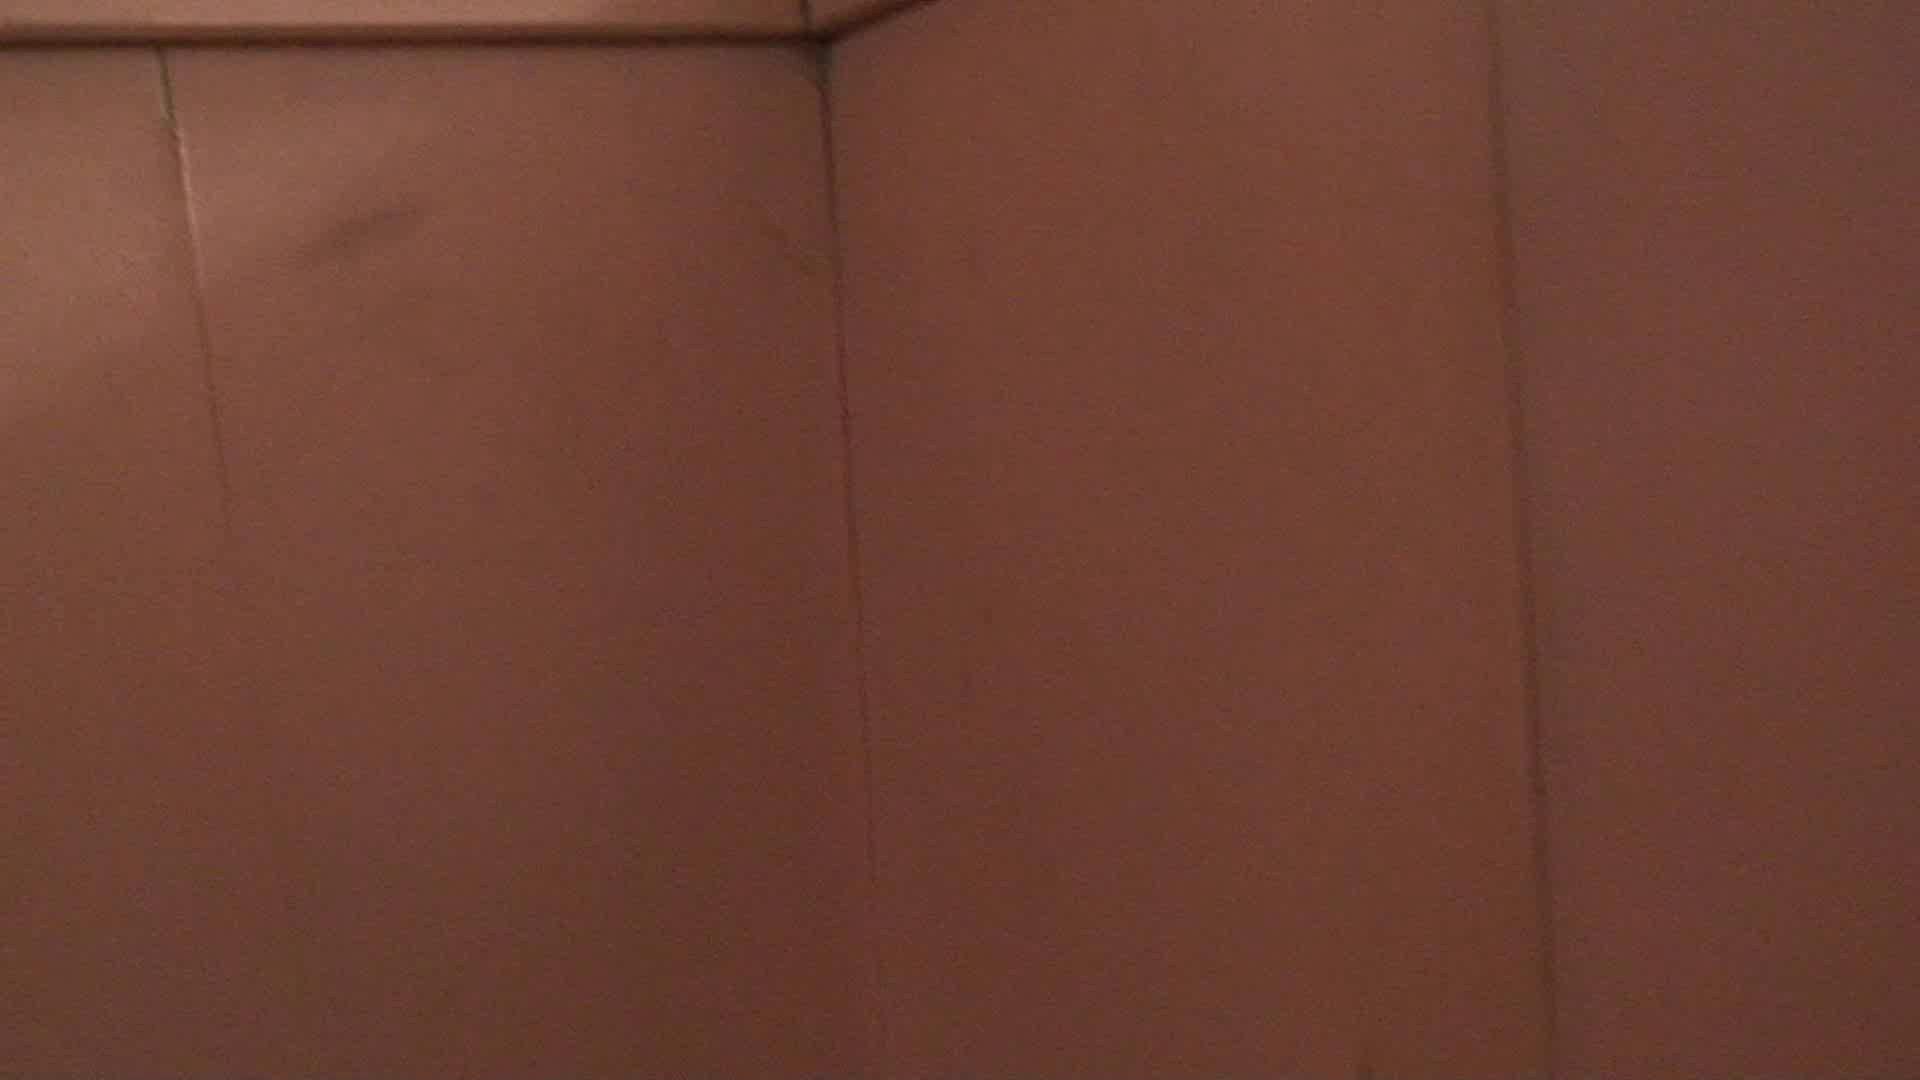 トイレ盗撮|洗面所内潜入!同級生が同級生を盗撮! vol.02|怪盗ジョーカー